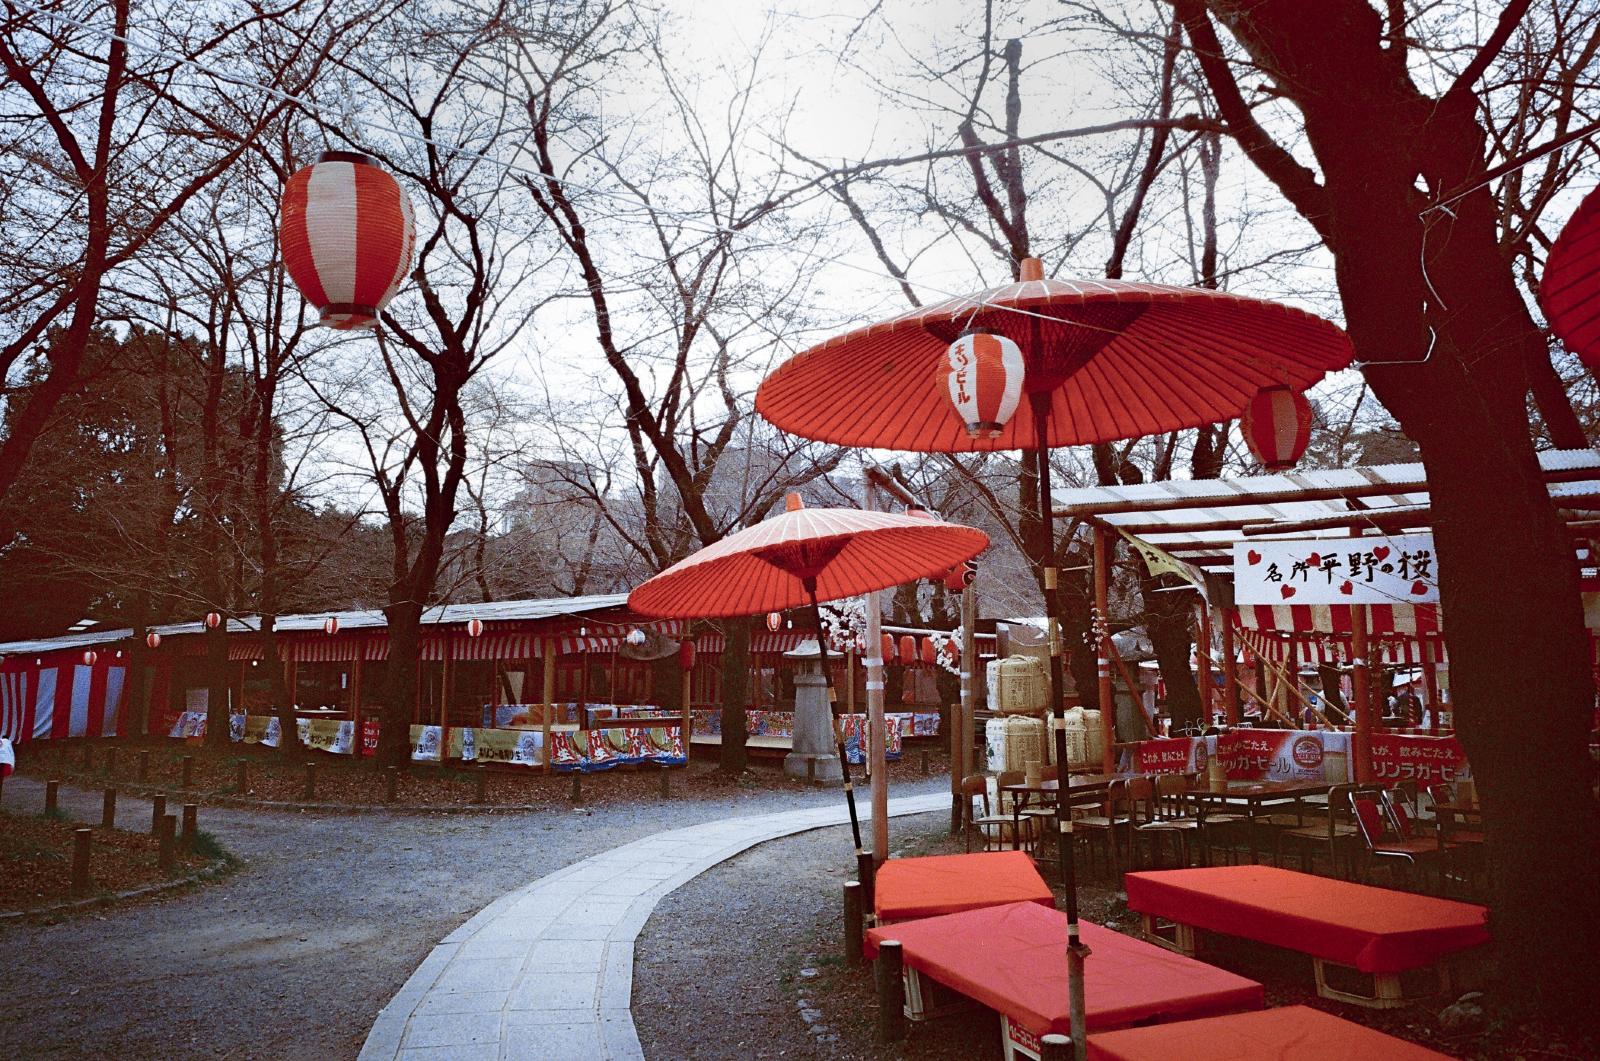 「平野神社」京都 | 櫻花祭 | 攝影集